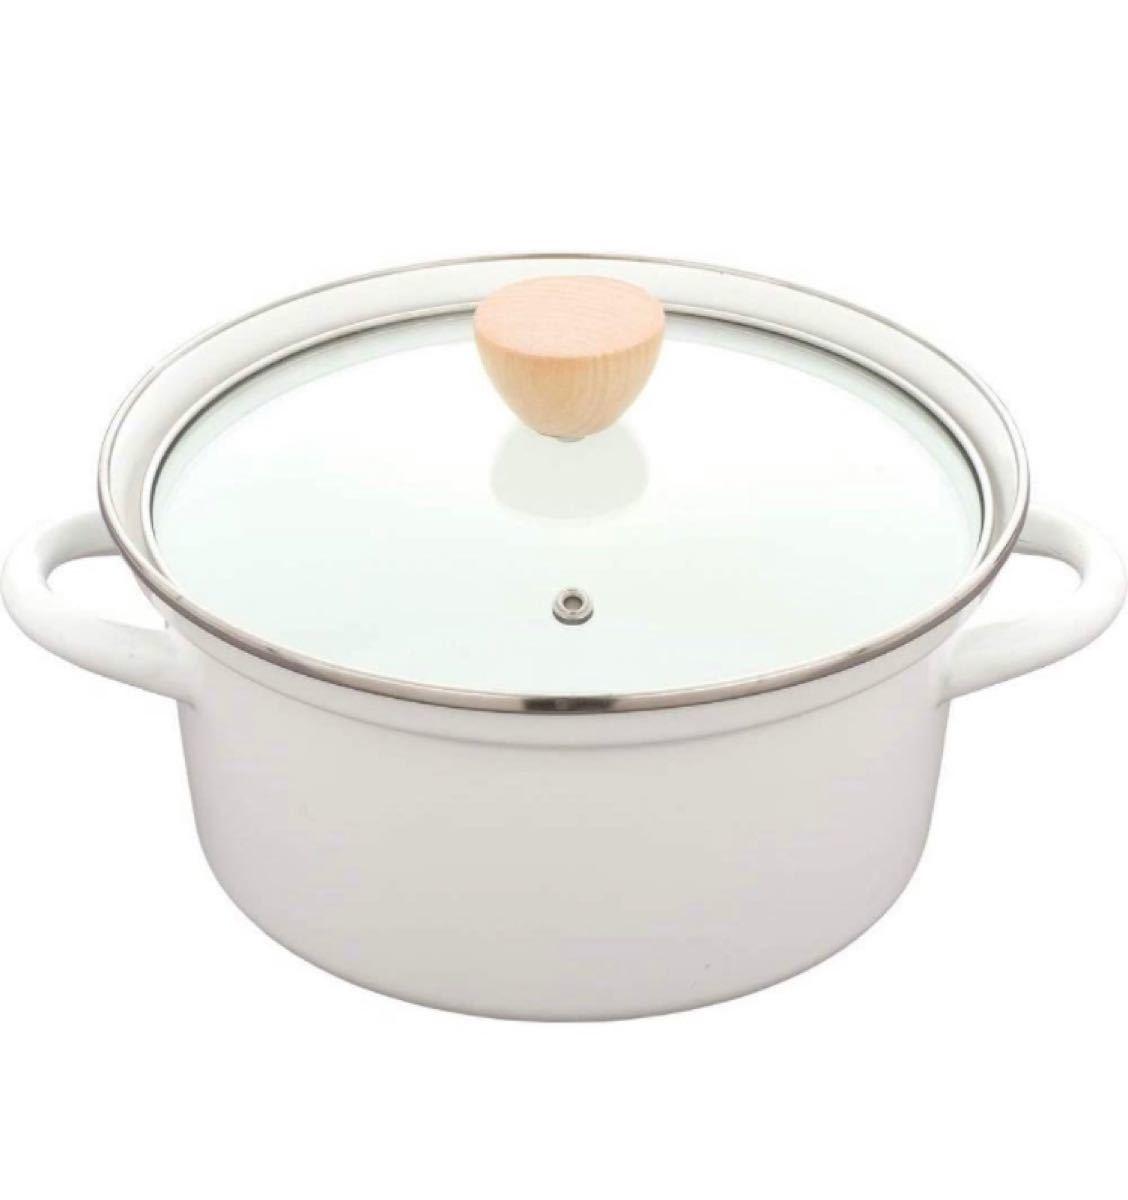 値下げ amie アミィ ホーロー 2点セット  鍋  両手鍋 片手鍋 パール金属  調理器具 ミルクパン IH対応 ガス対応